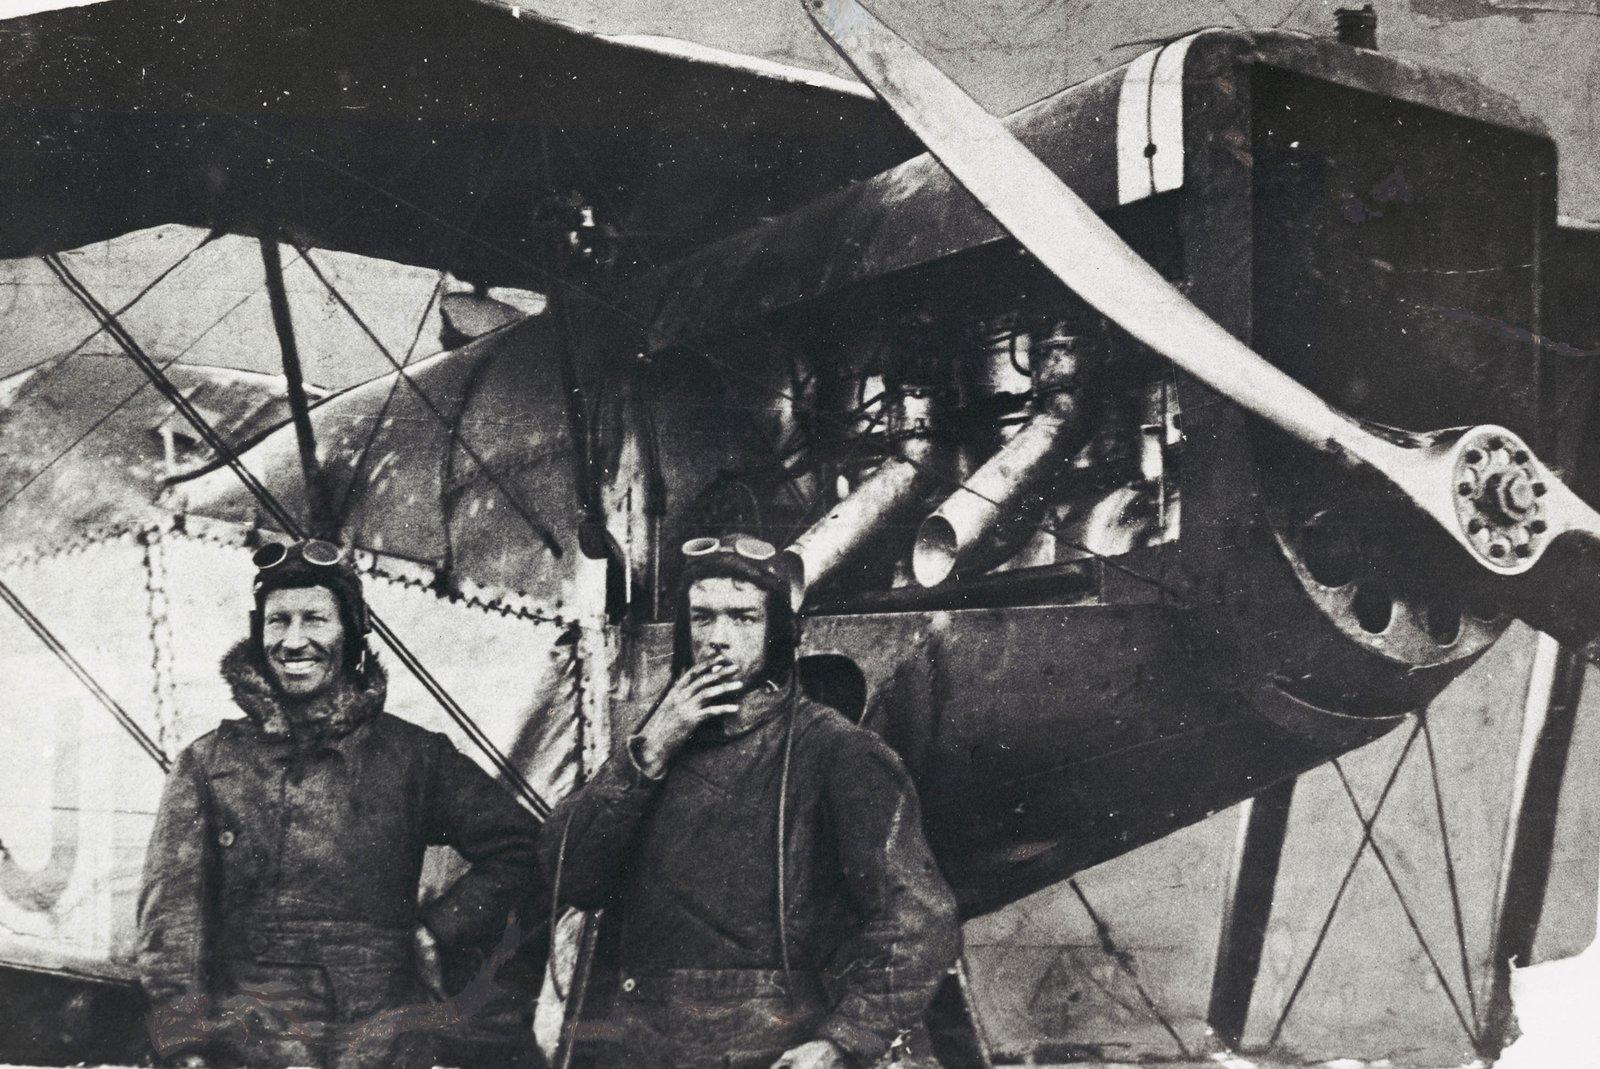 Sir Charles Kingsford Smith and Charles Ulm